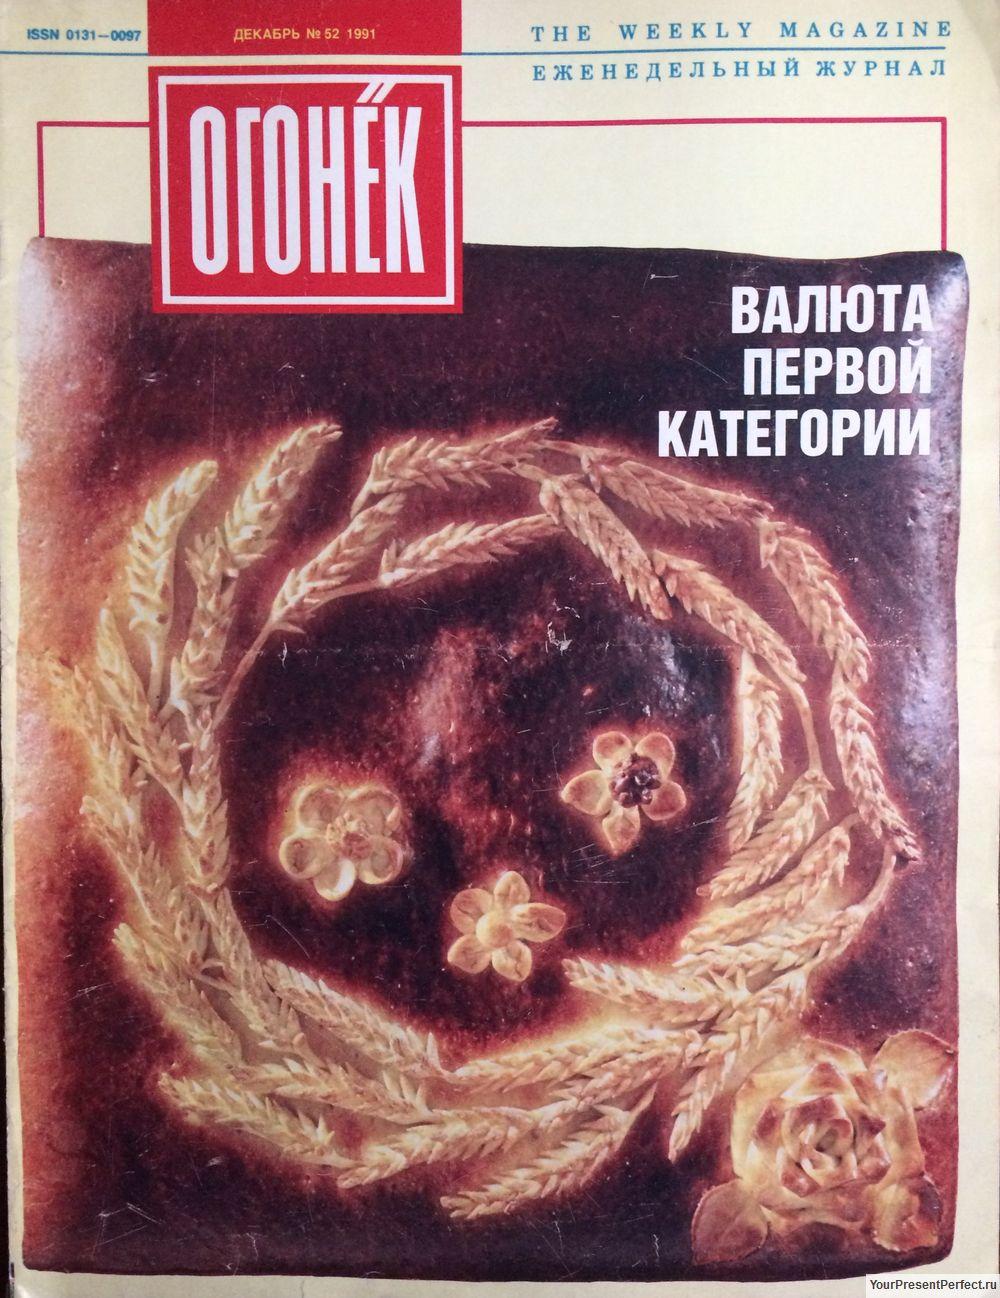 Журнал Огонек №52 декабрь 1991